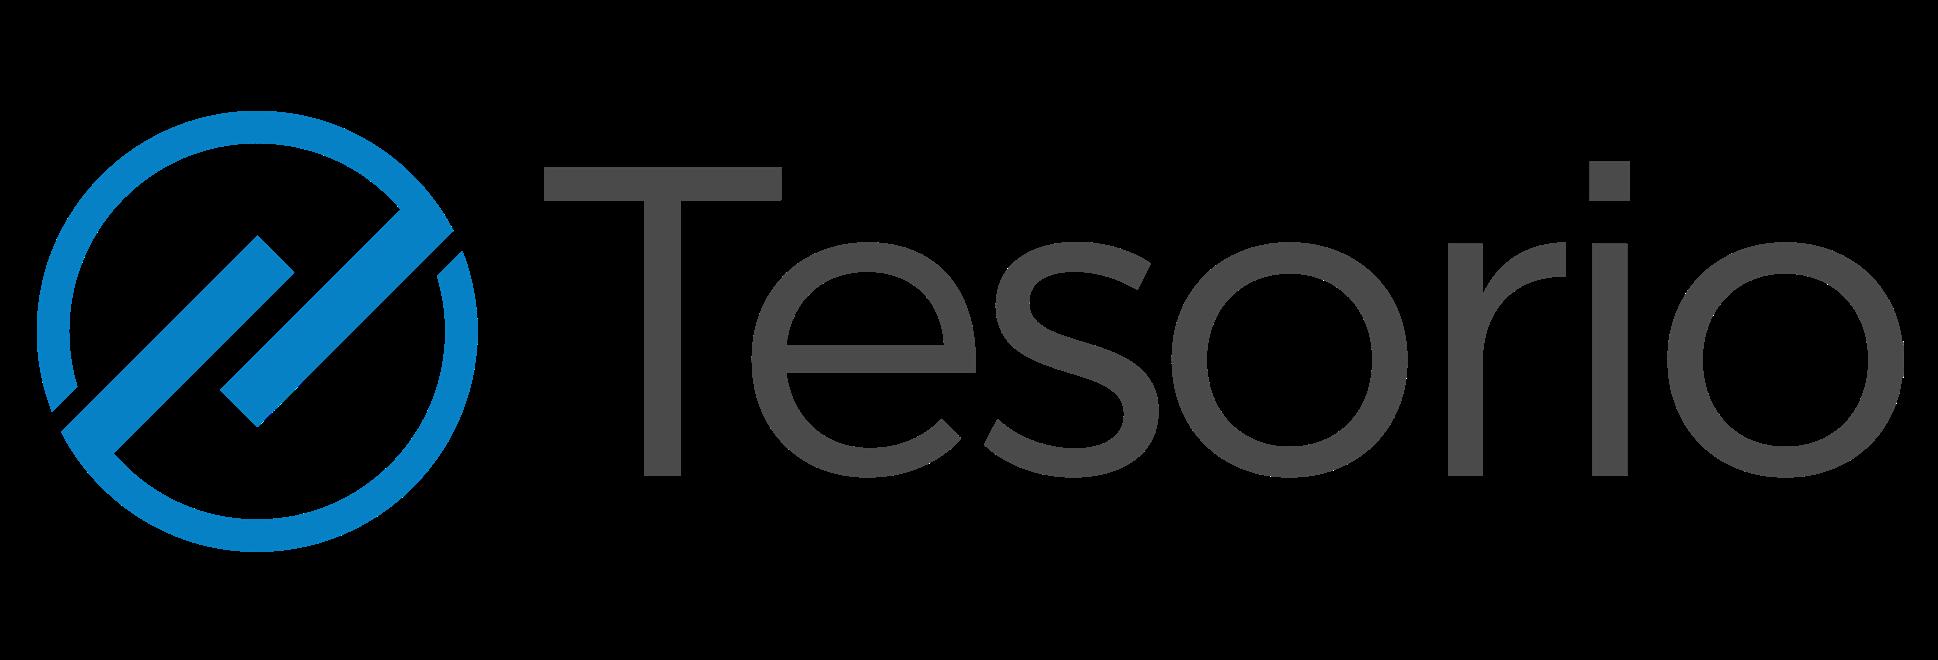 Tesoriologo